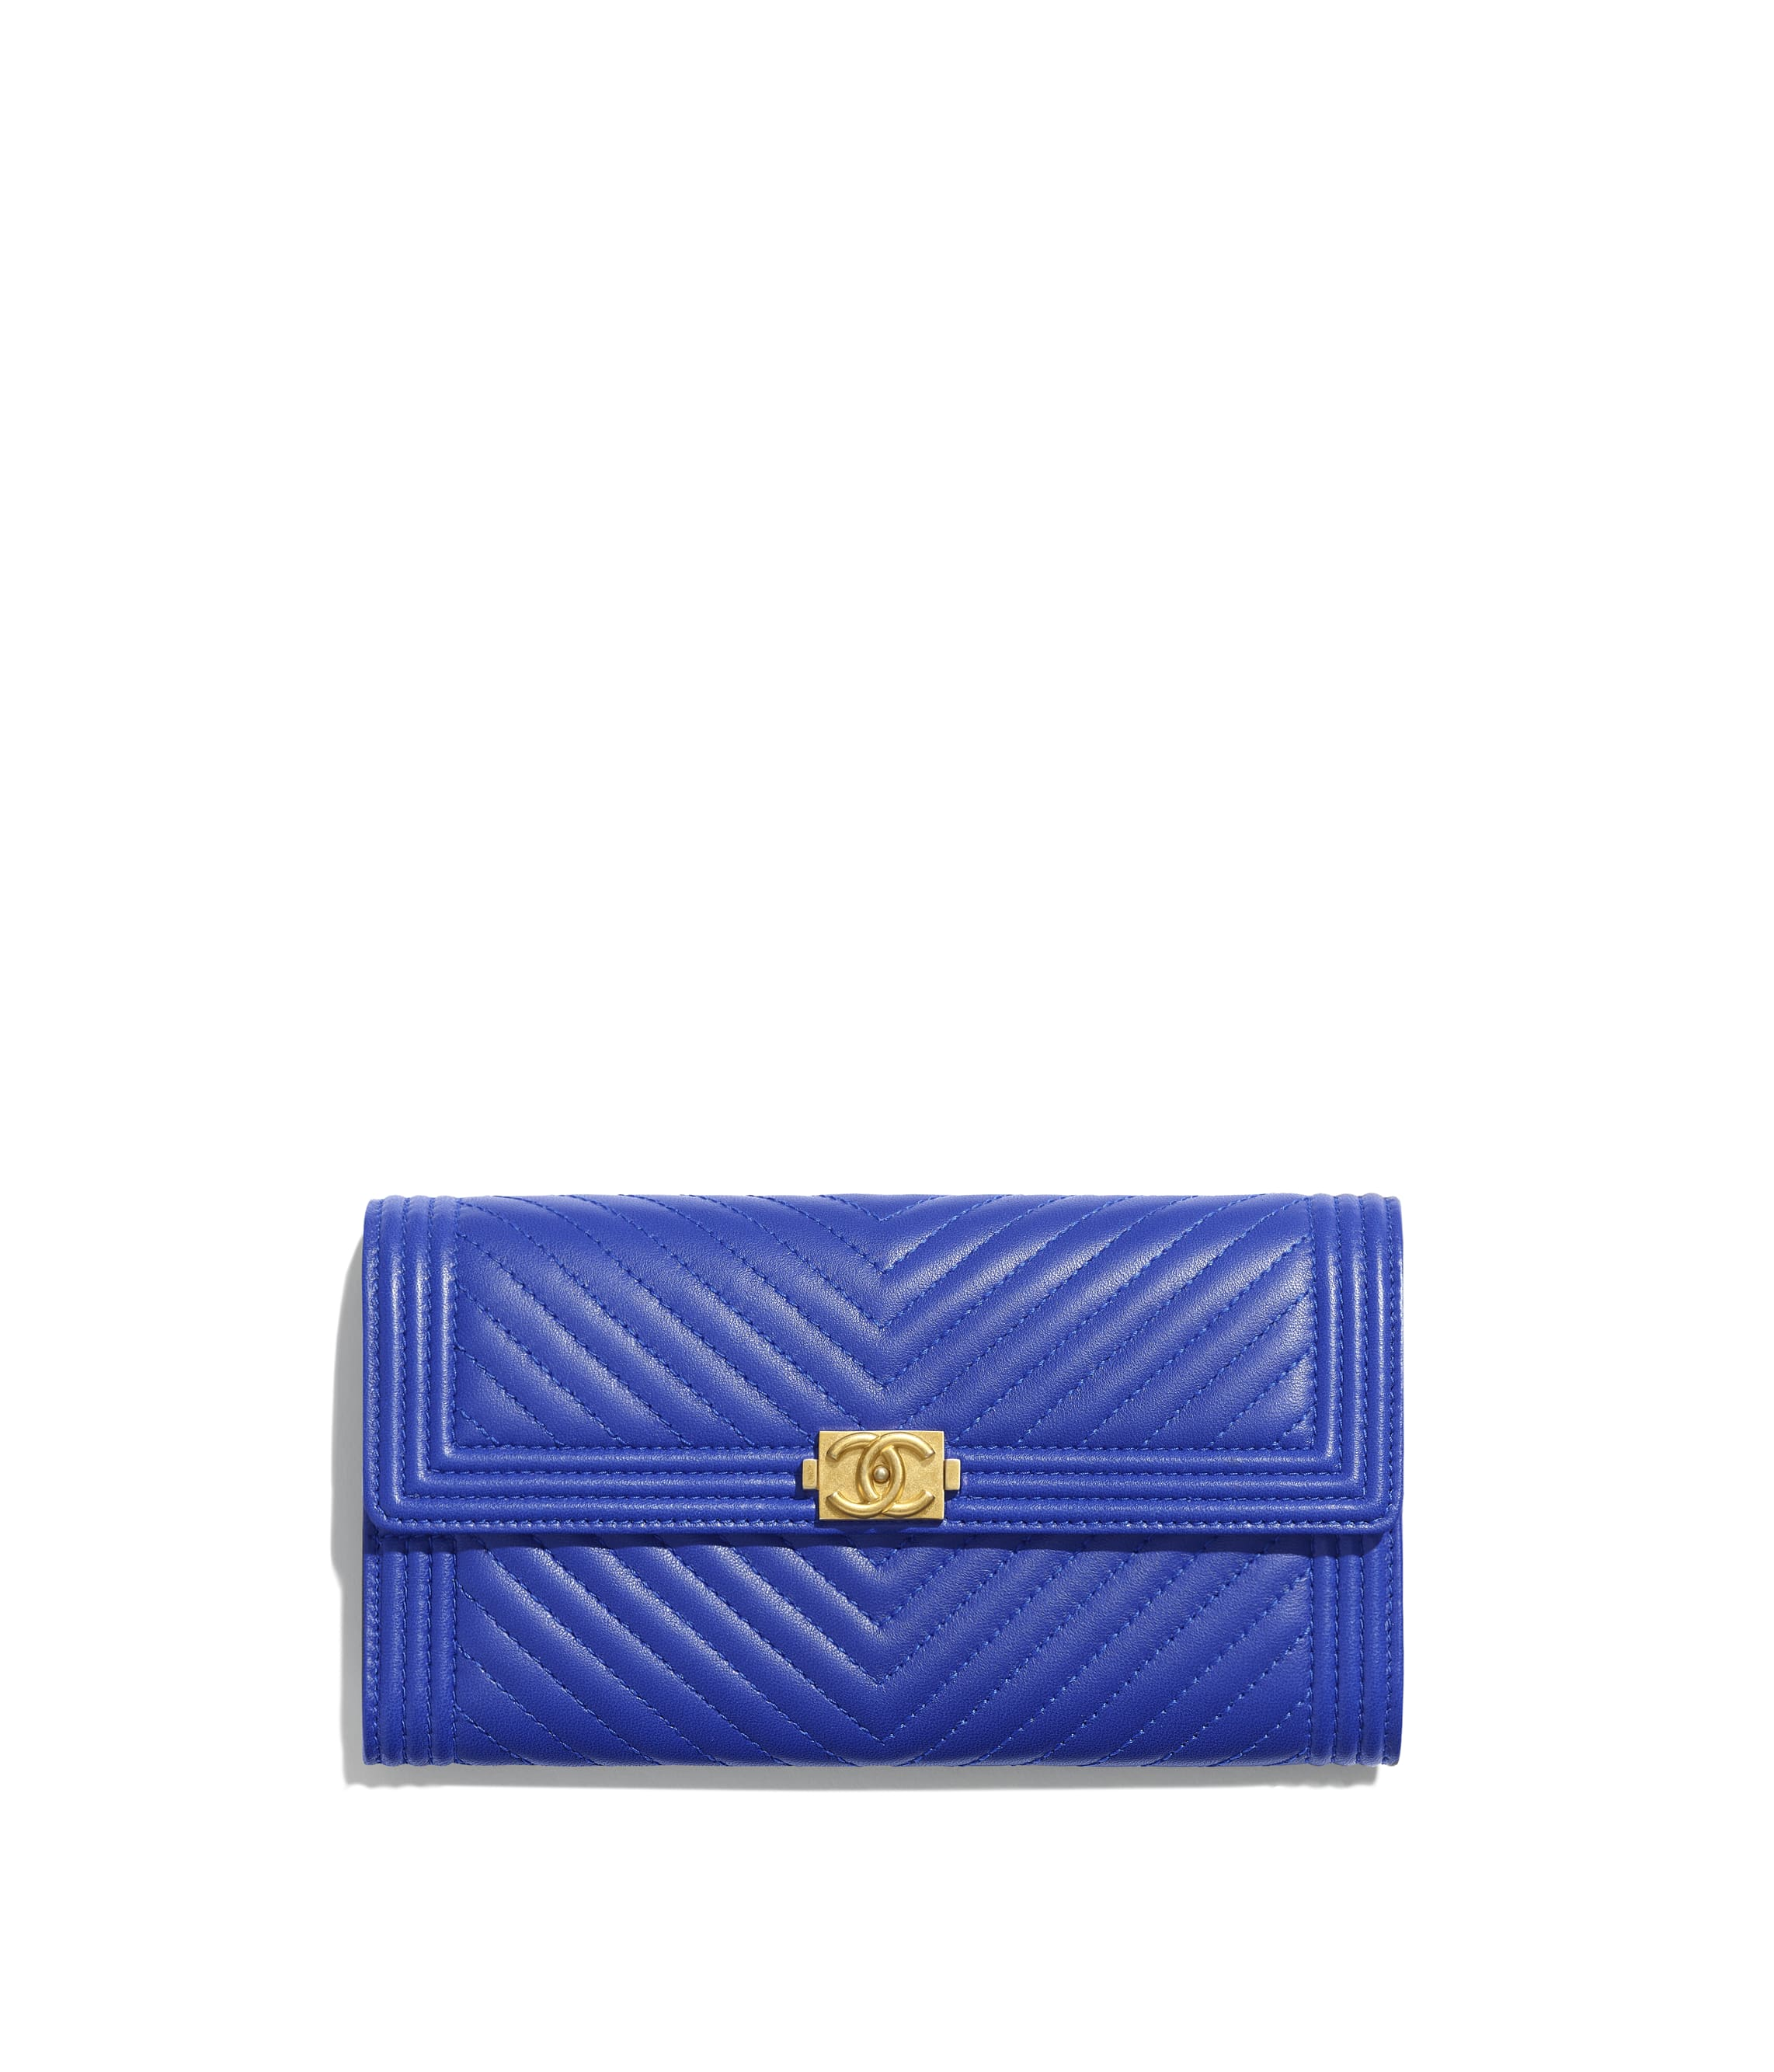 7e3e0e5f1608 런던부띠끄 > LUXURY TOP > Chanel > 지갑/카드케이스